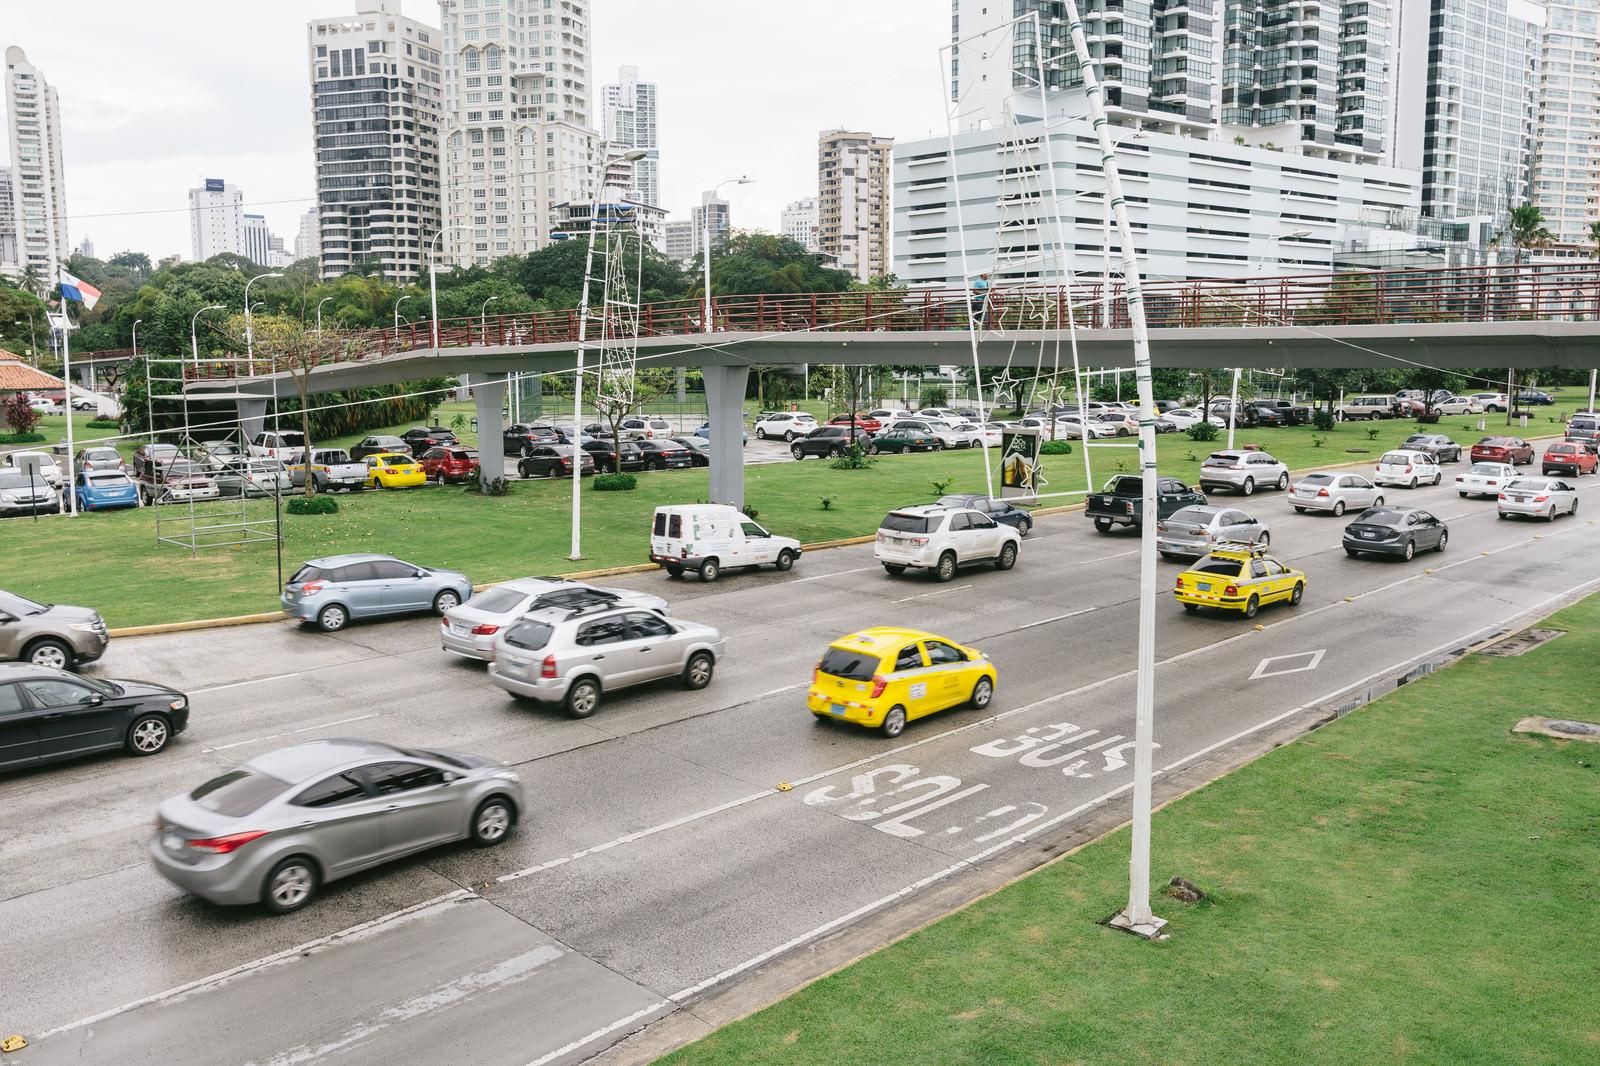 「交通量の多いパナマの街並み」の写真